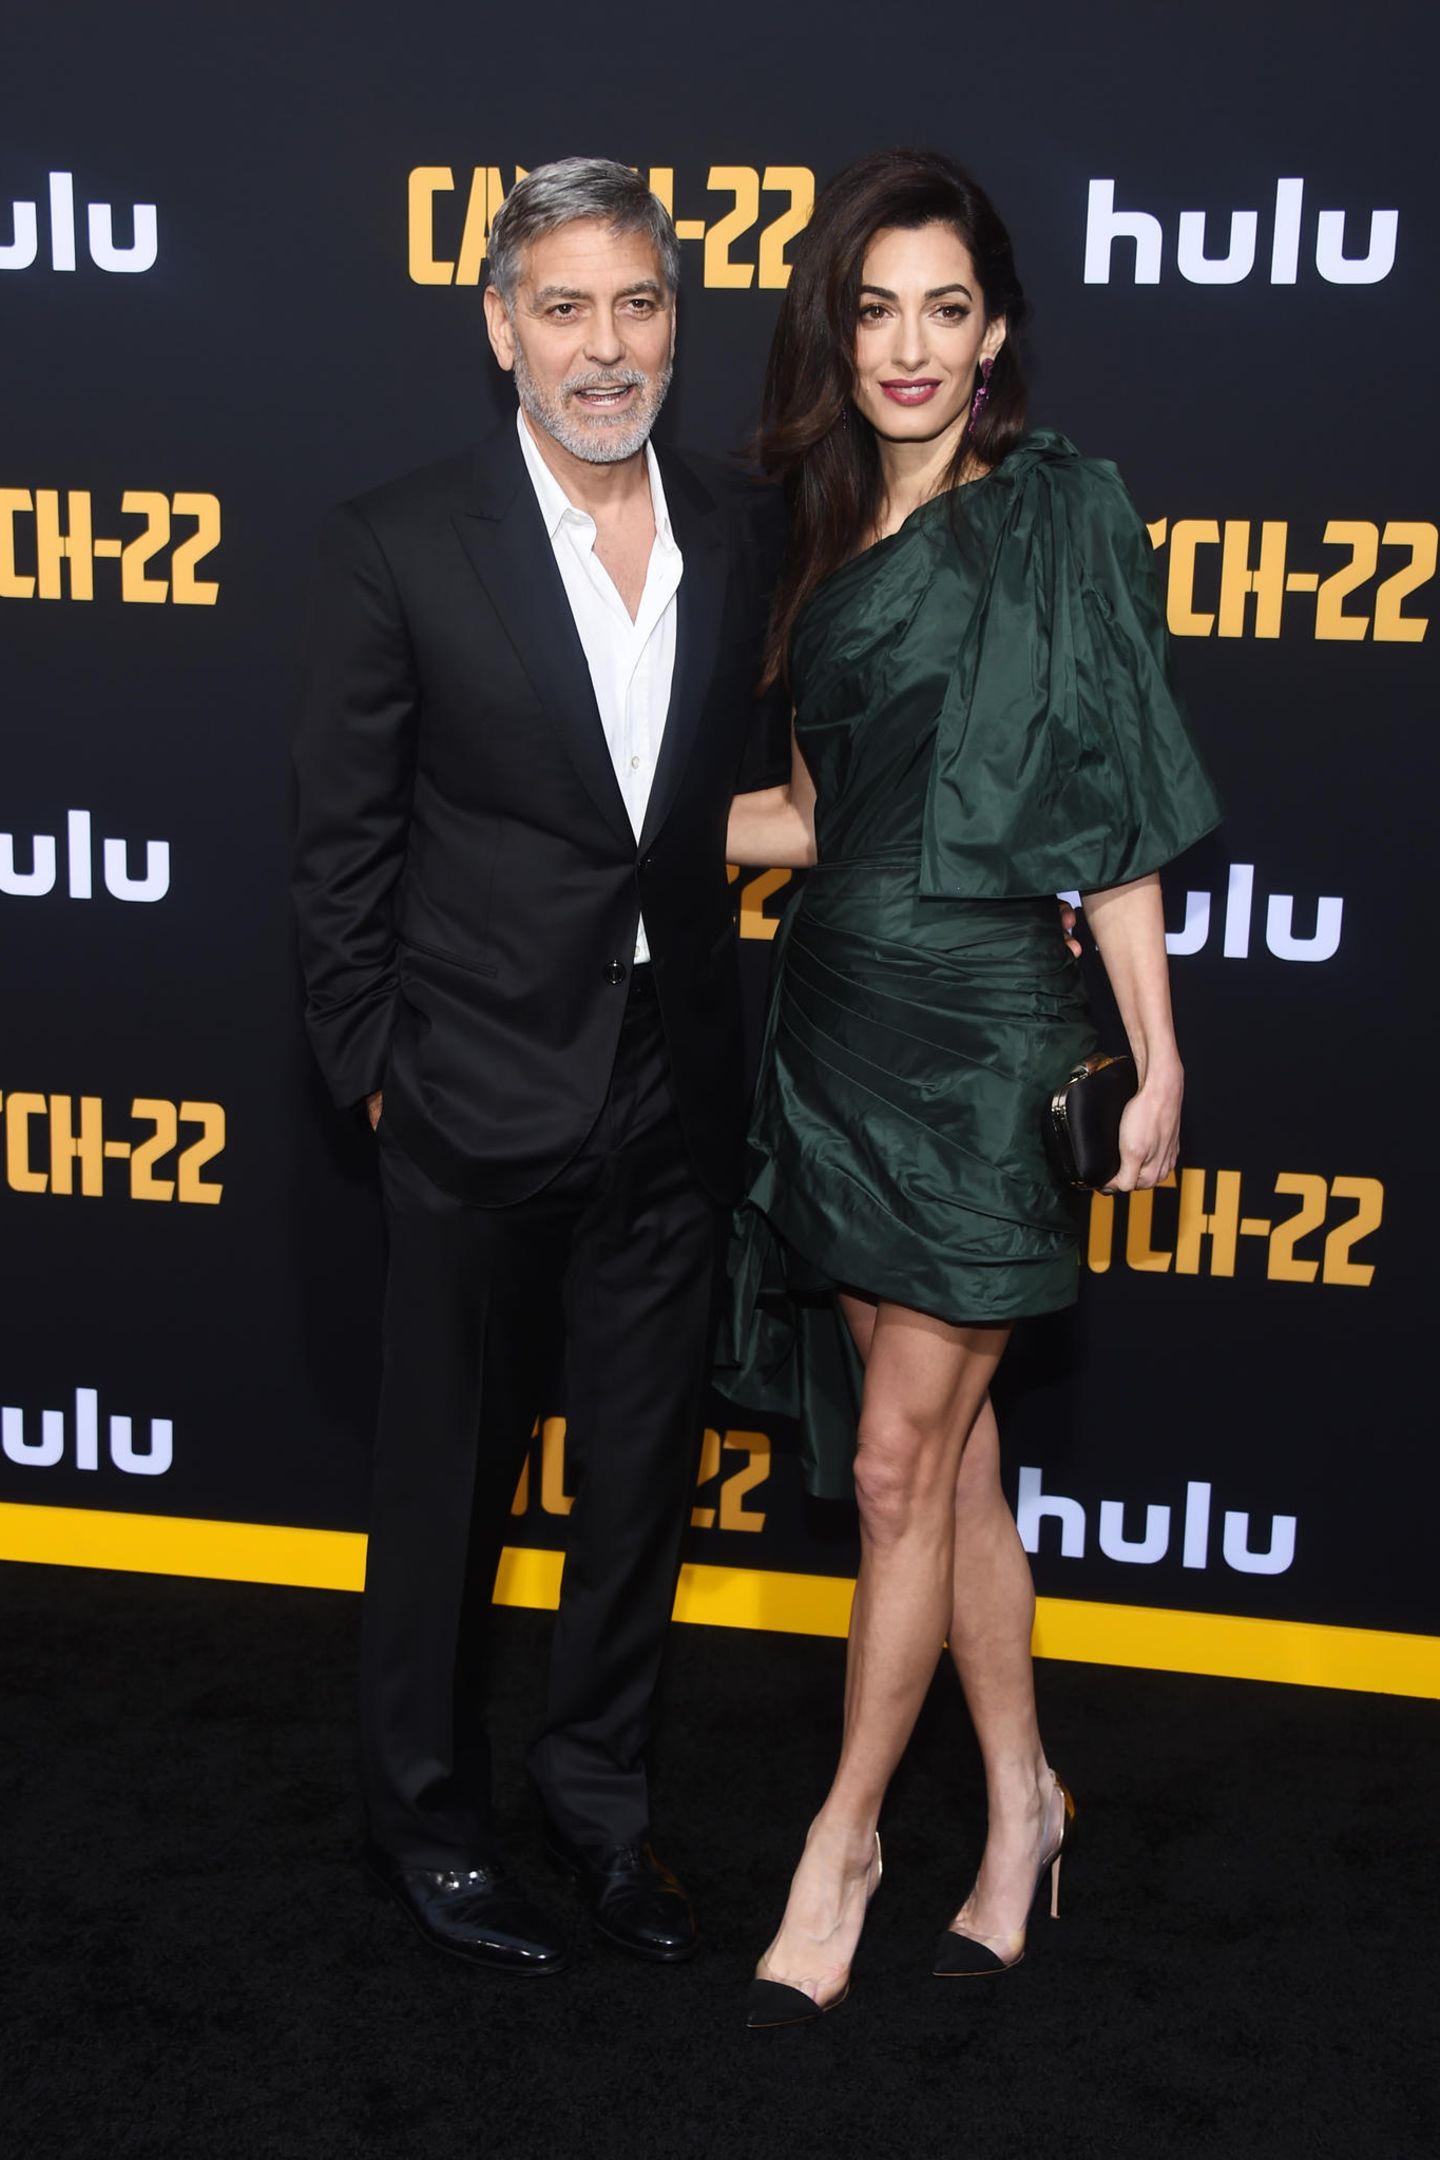 Sorry, George, aber bei diesem Look werden alle nur Augen für deine Frau haben! Amal Clooney zeigt in einem dunkelgrünen Seidenkleid von Oscar de la Renta viel Bein- und punktet damit auf ganzer Linie.